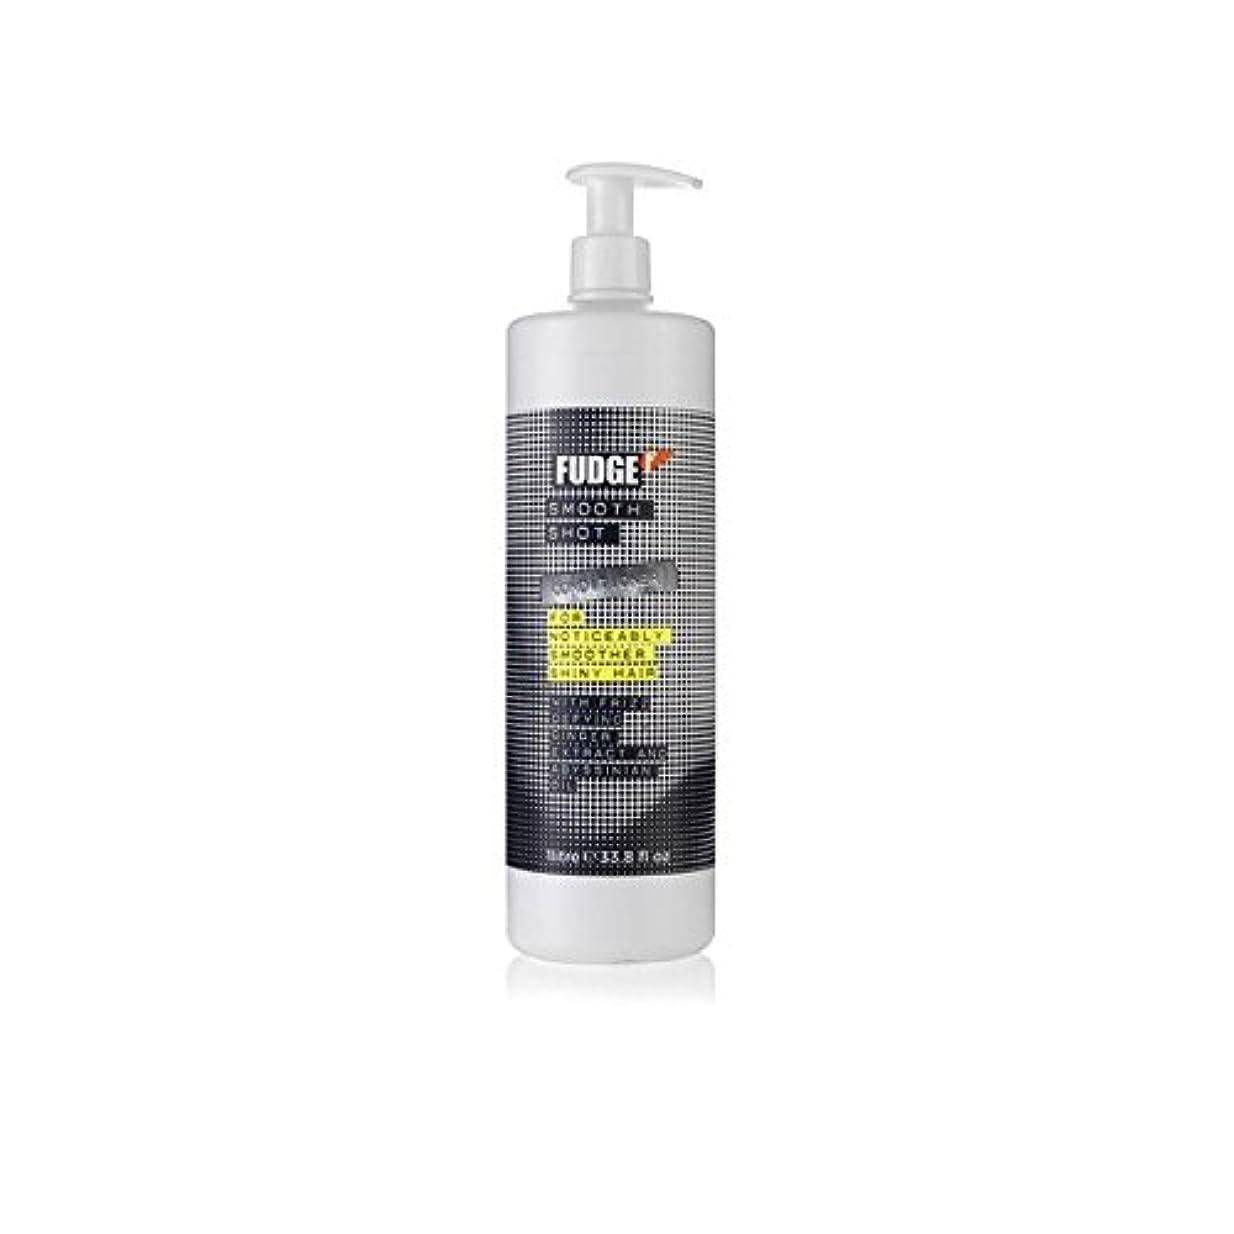 十一スリッパ環境保護主義者ファッジスムーズなショットシャンプー(千ミリリットル) x2 - Fudge Smooth Shot Shampoo (1000ml) (Pack of 2) [並行輸入品]